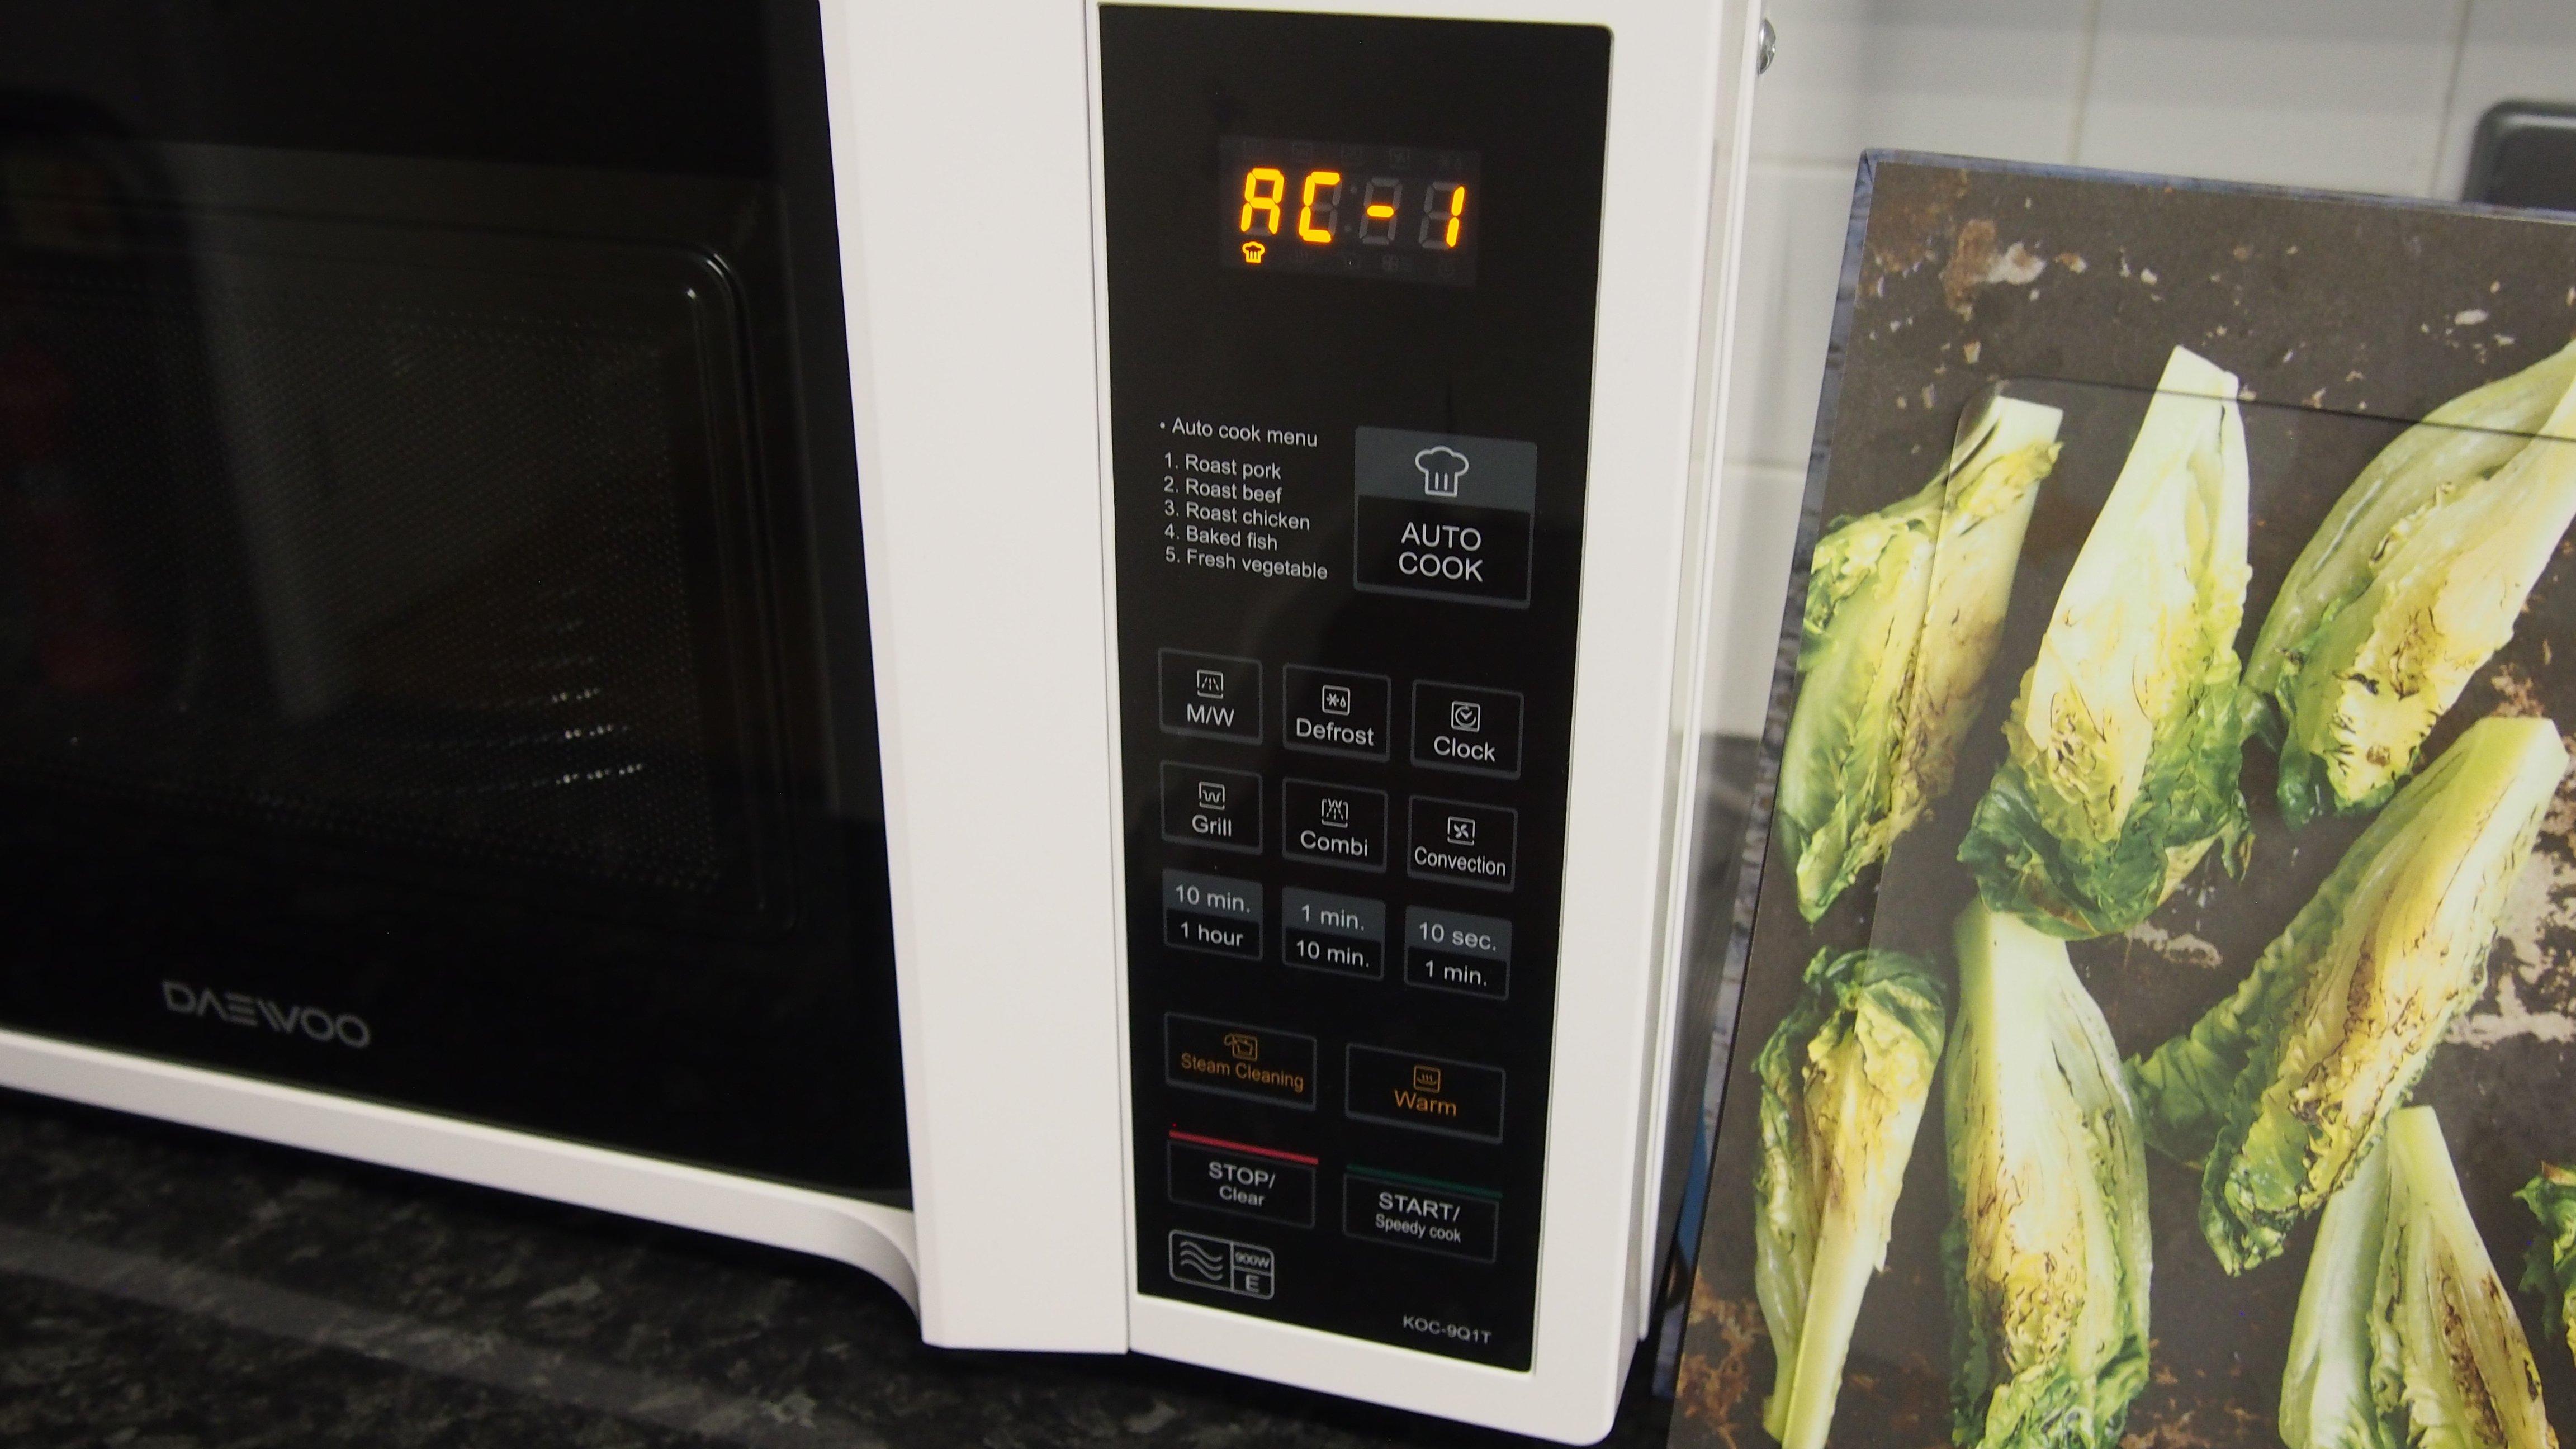 daewoo microwave edition 1 manual